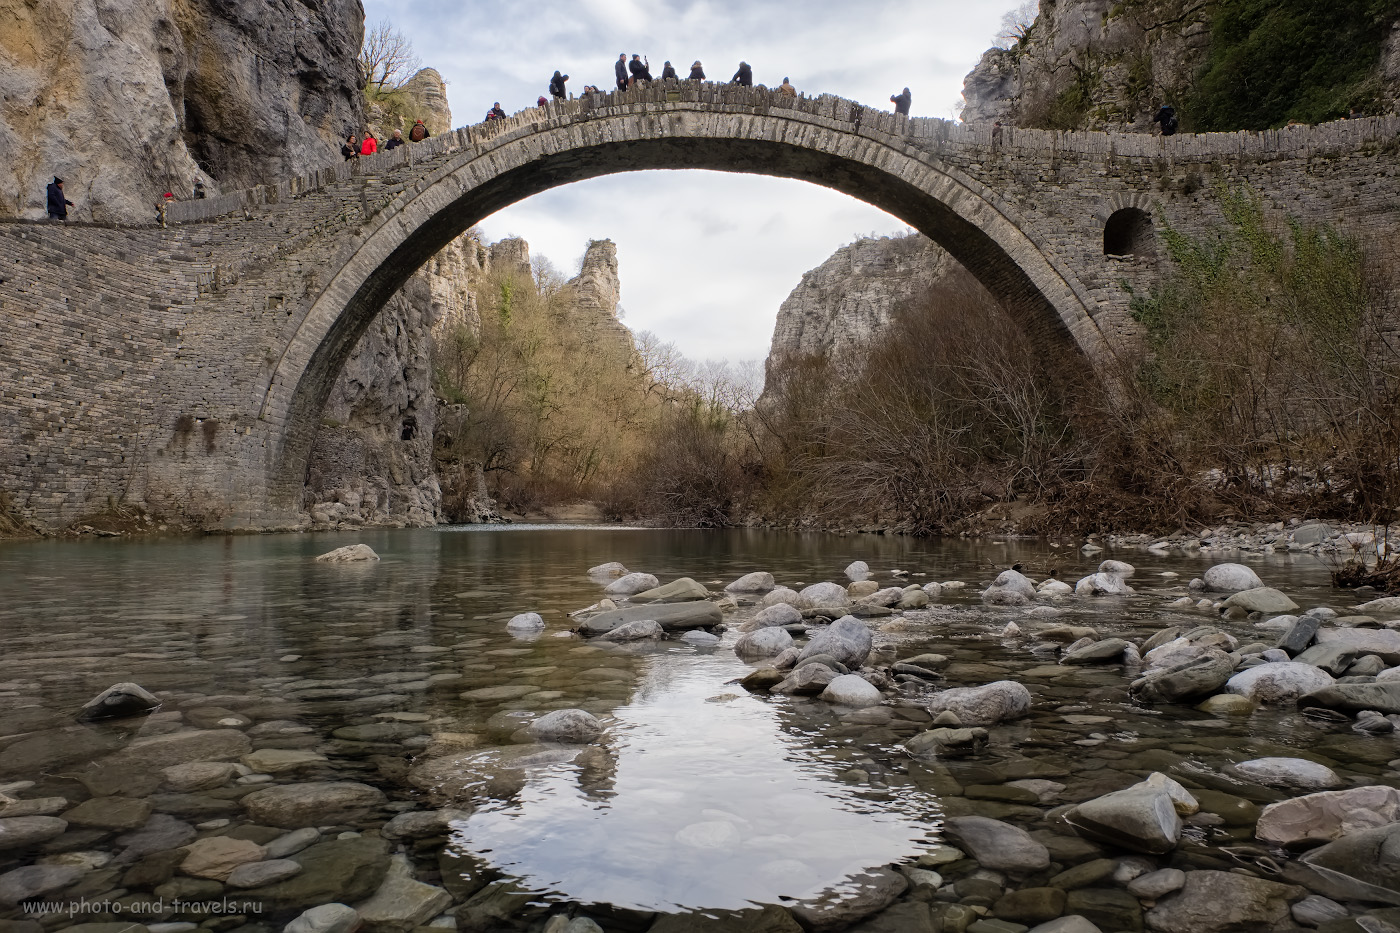 28. Так выглядит каменный мост Коккорос (Kokkoros) в Греции. Согласитесь, что похож на Кесме до реставрации? 1/60, 11.0, 200, -1.67, 16.